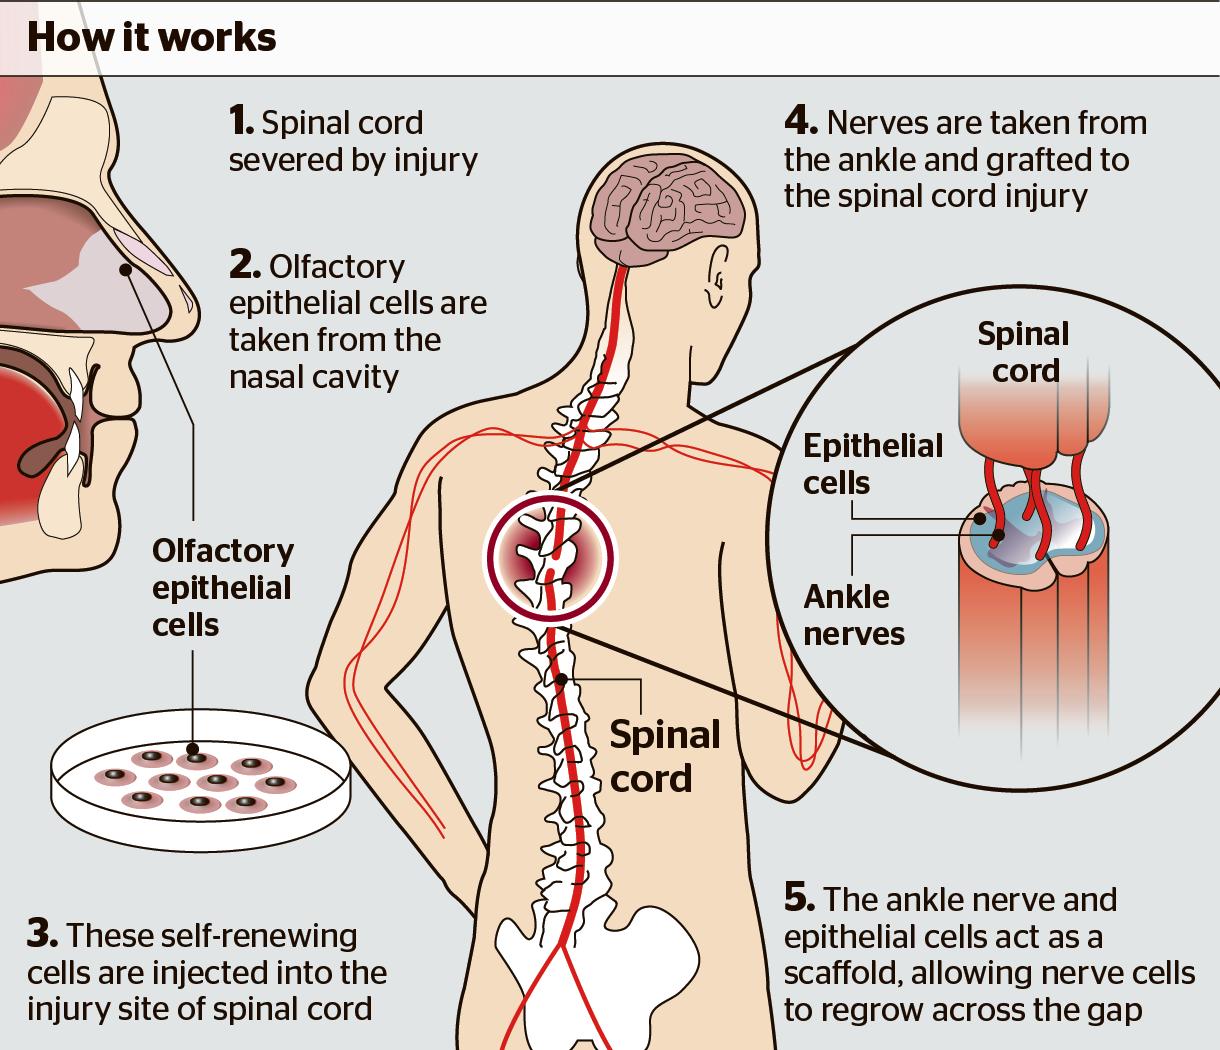 Paralizzato torna a muoversi grazie alle cellule del naso